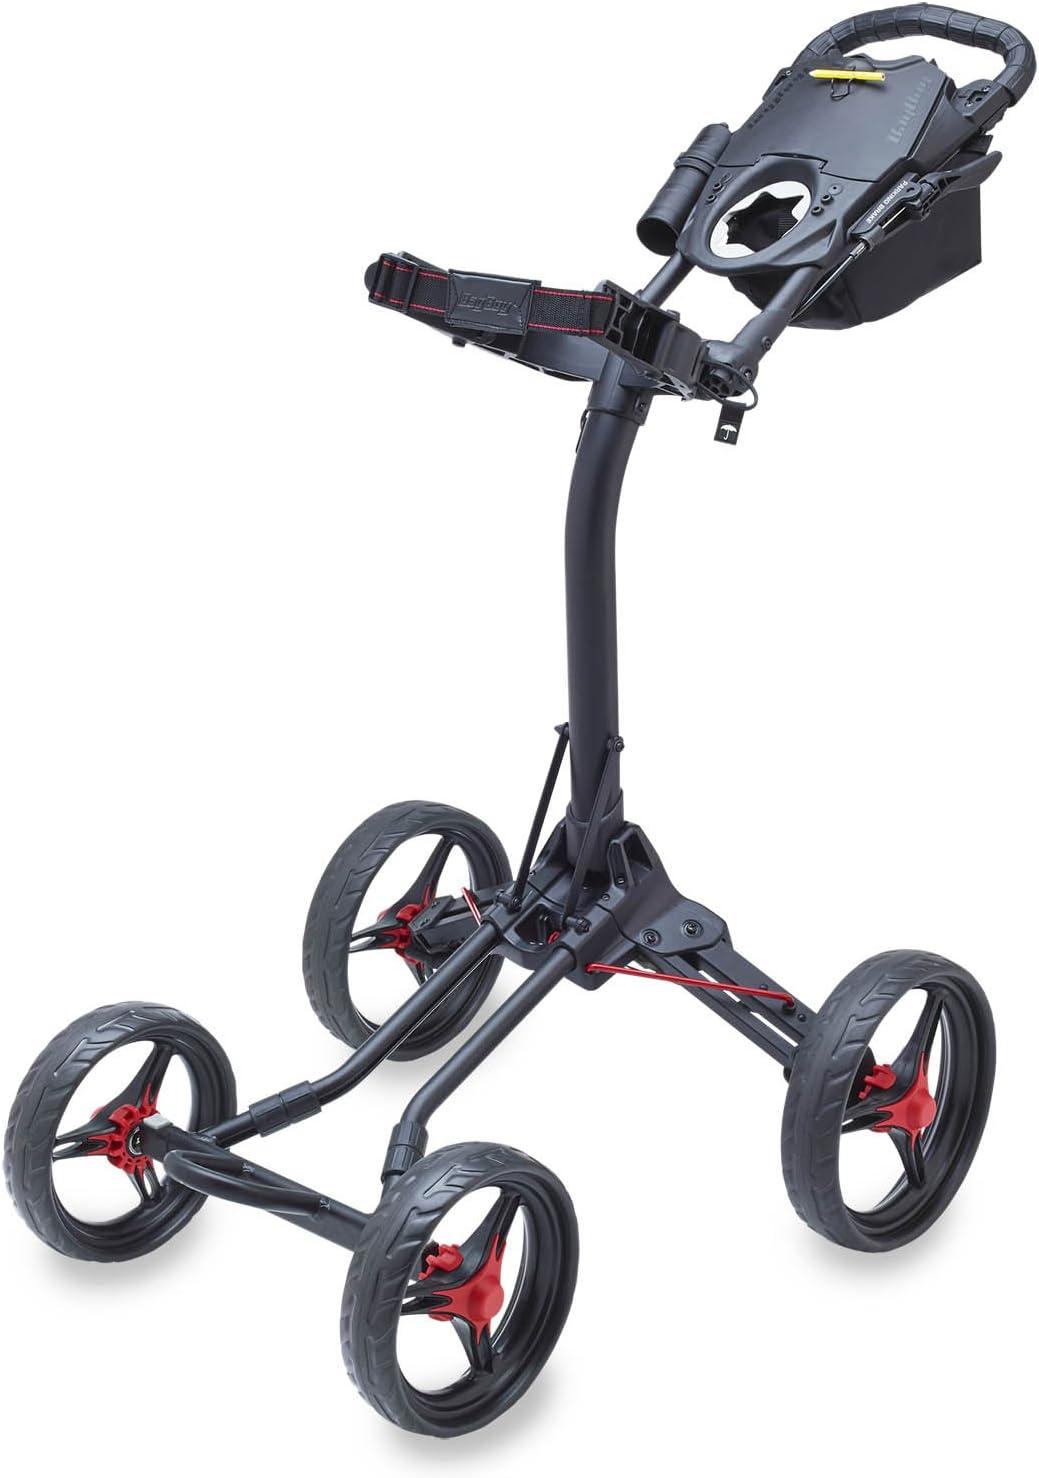 Sac Boy Quad XL Golf Cart